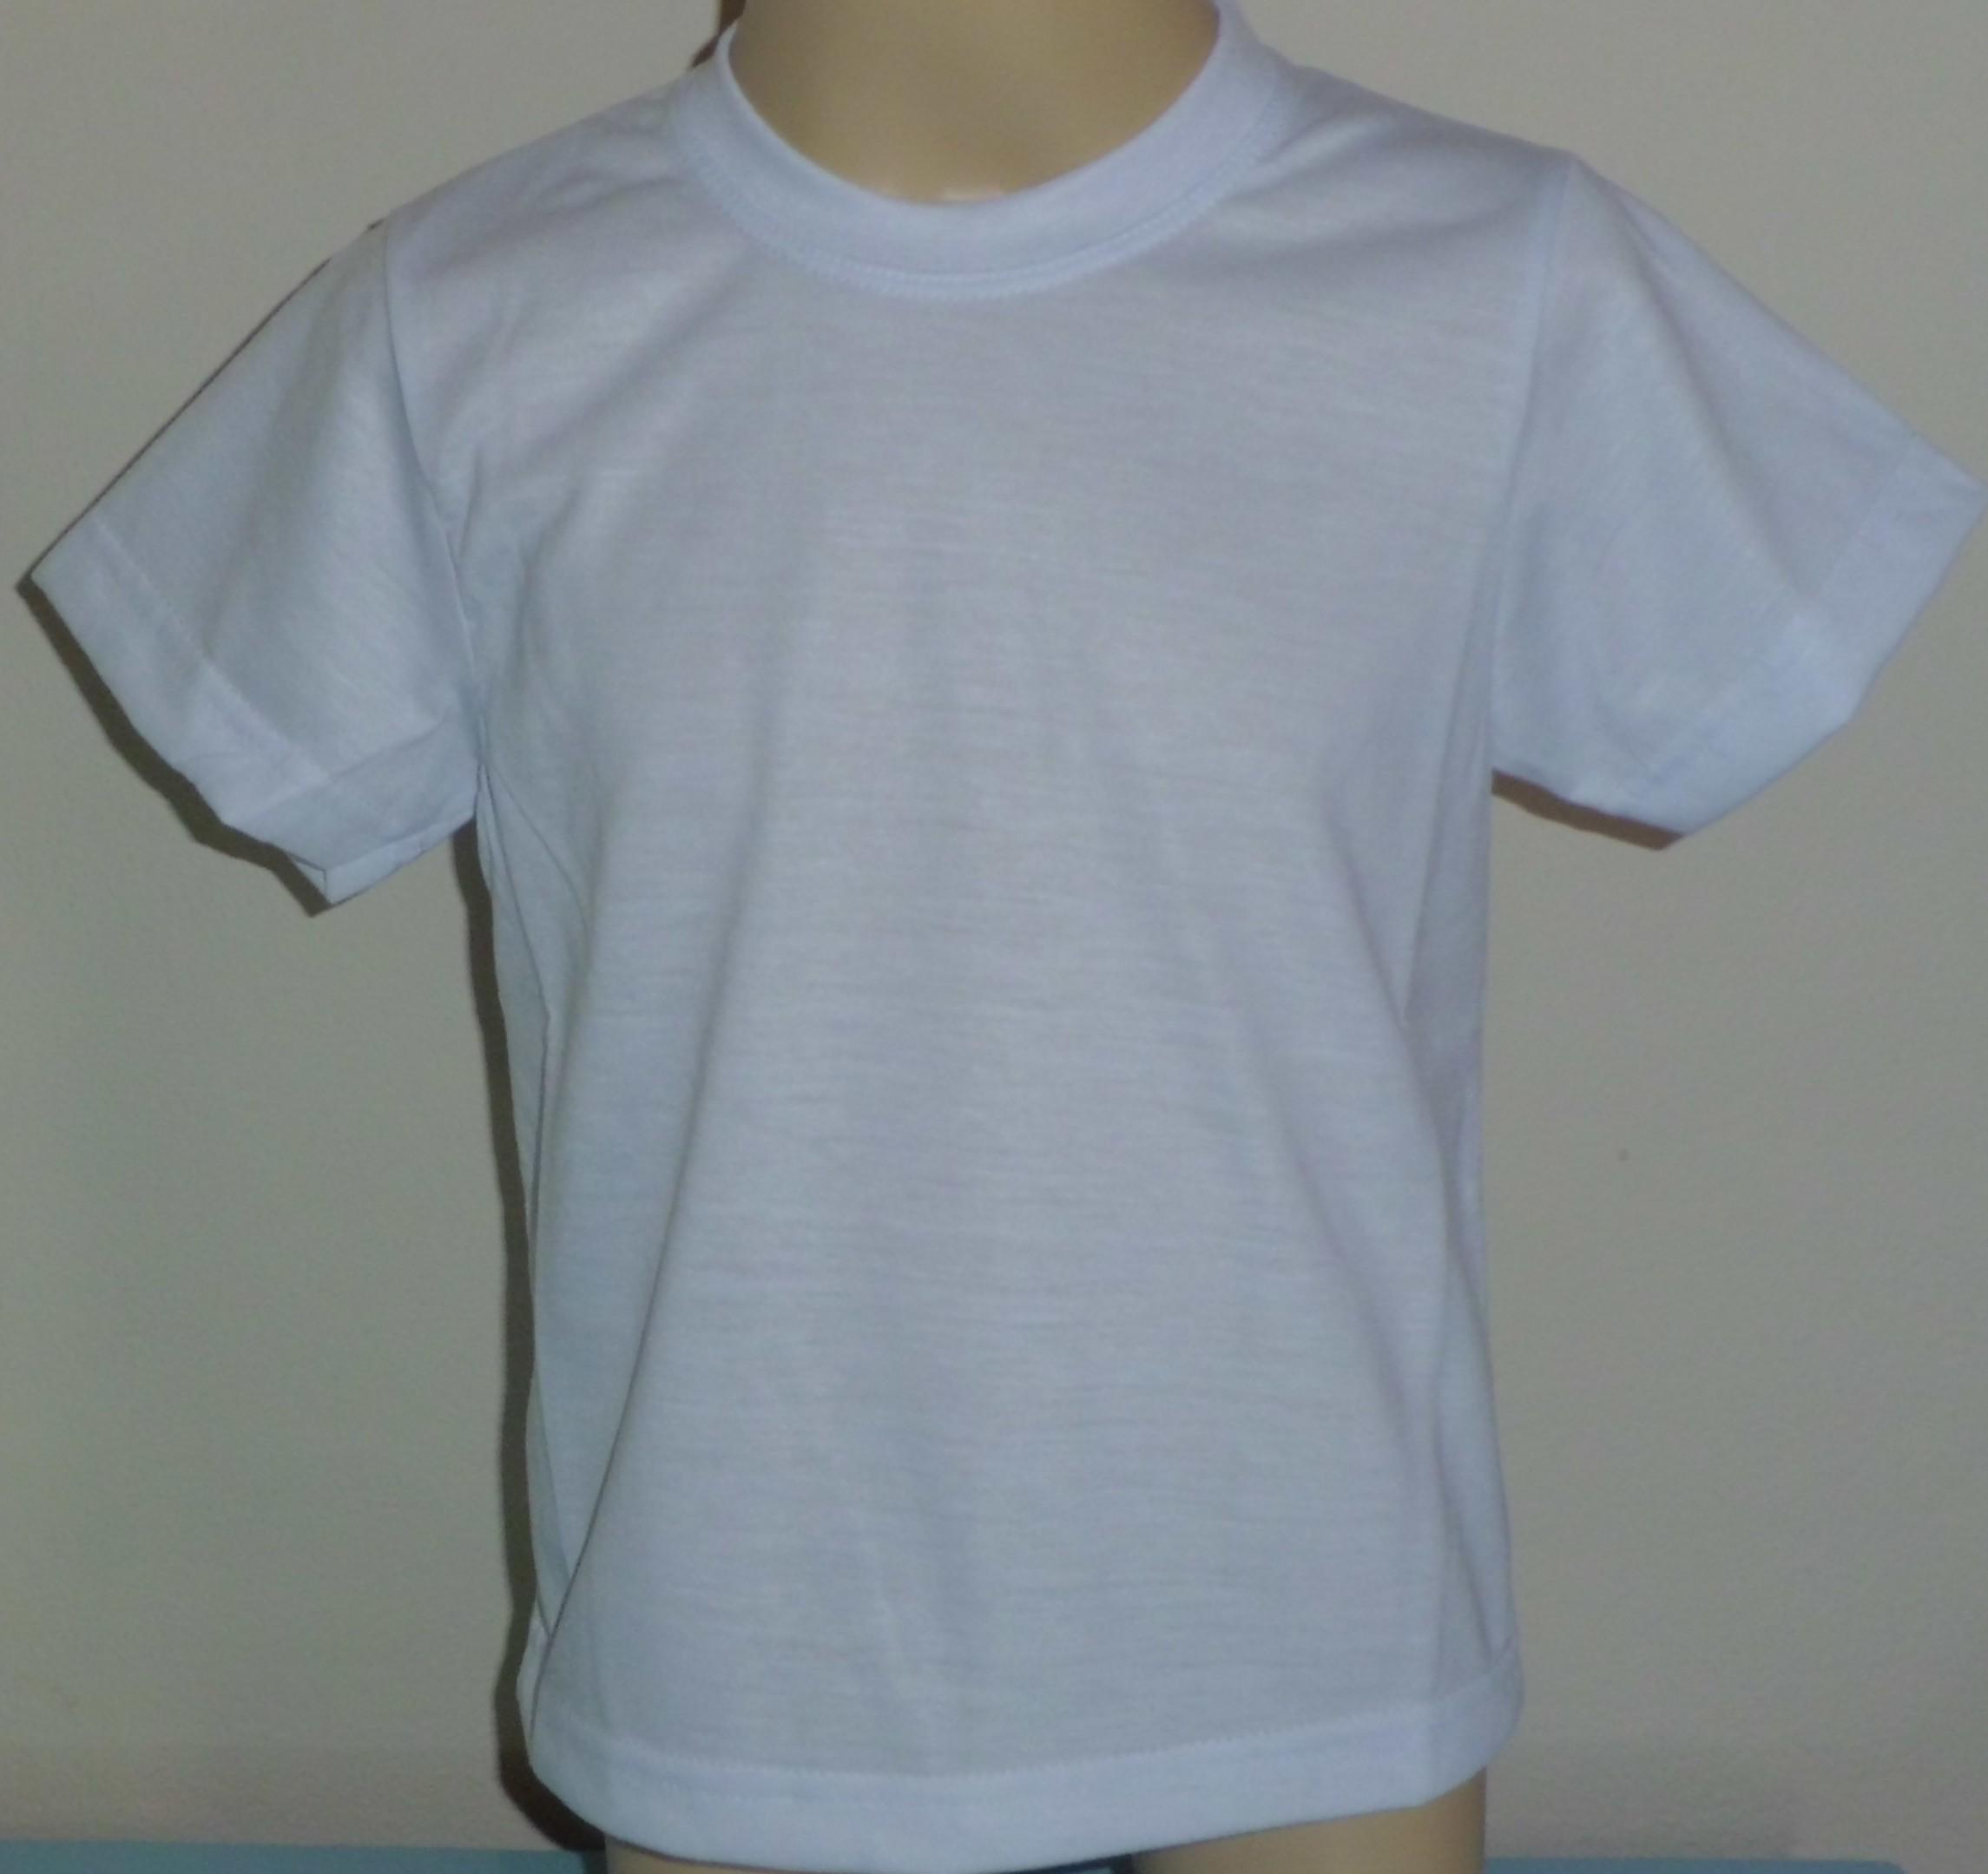 1a4d3c79c1 Camiseta Bebê em Malha PP Vortex (Anti-Pilling) 100% Poliester para  Sublimação